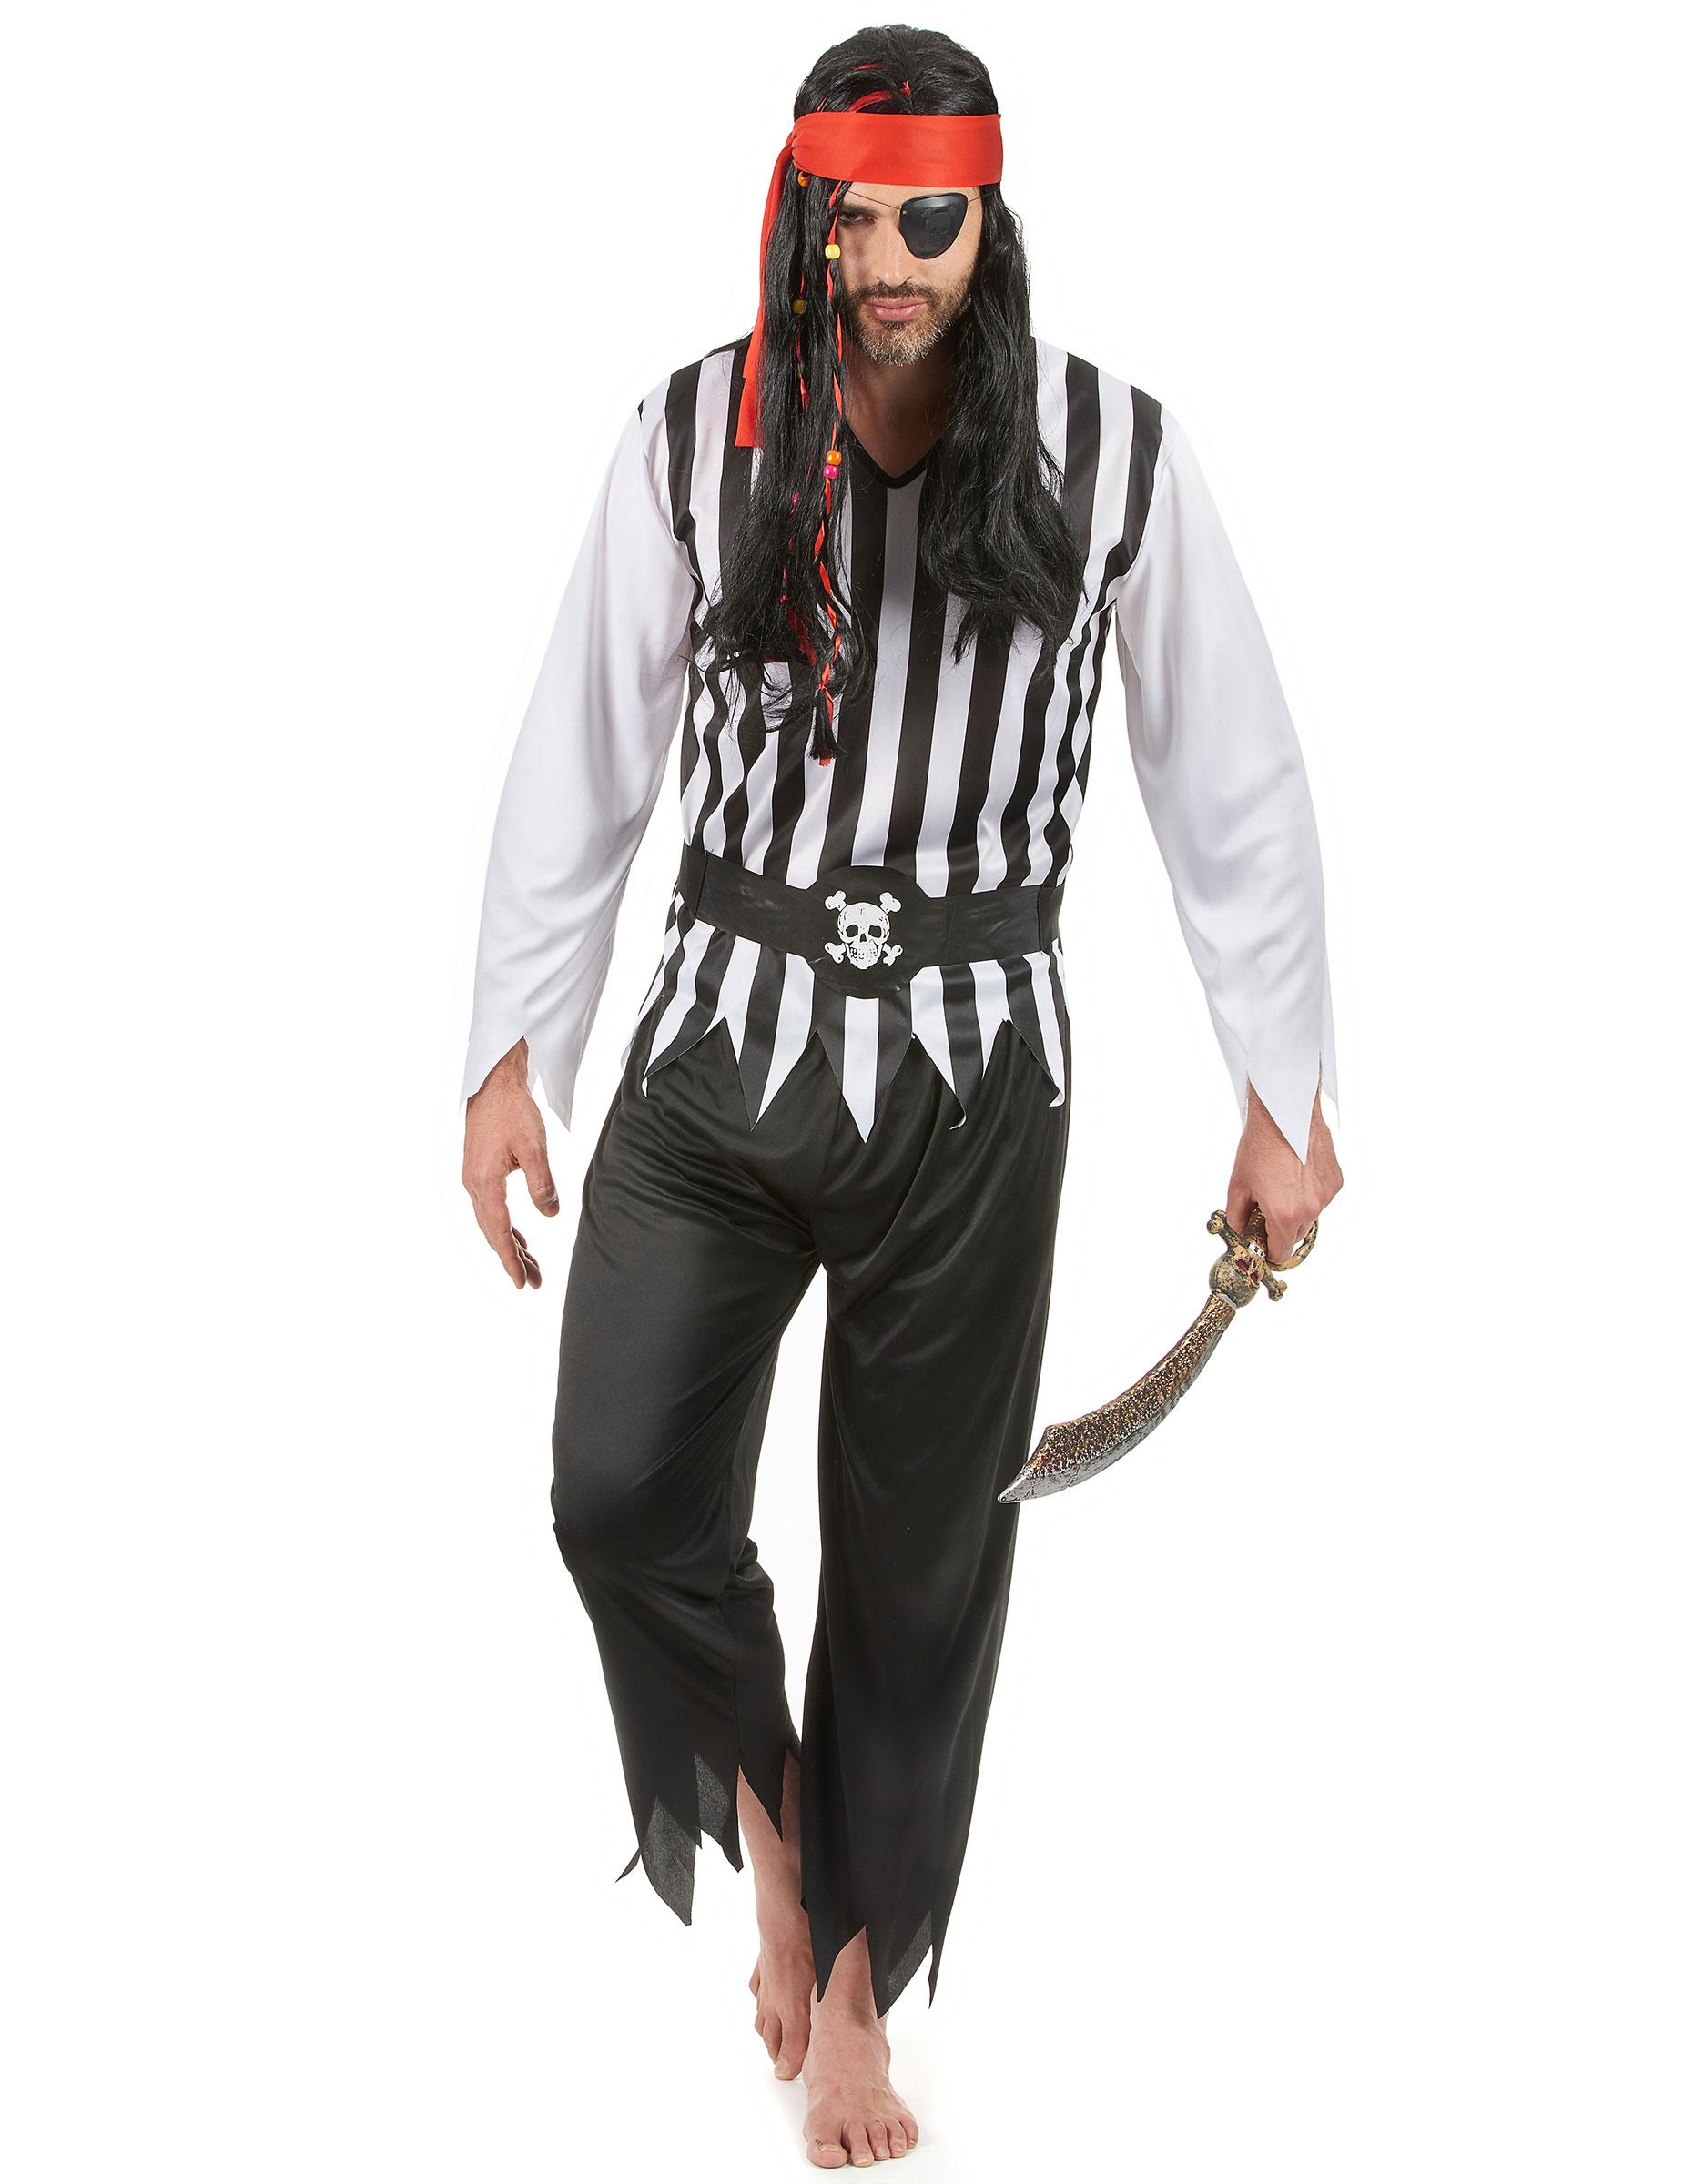 Vestiti da pirati e piratesse a basso prezzo - vegaoo.it 205773511ef7